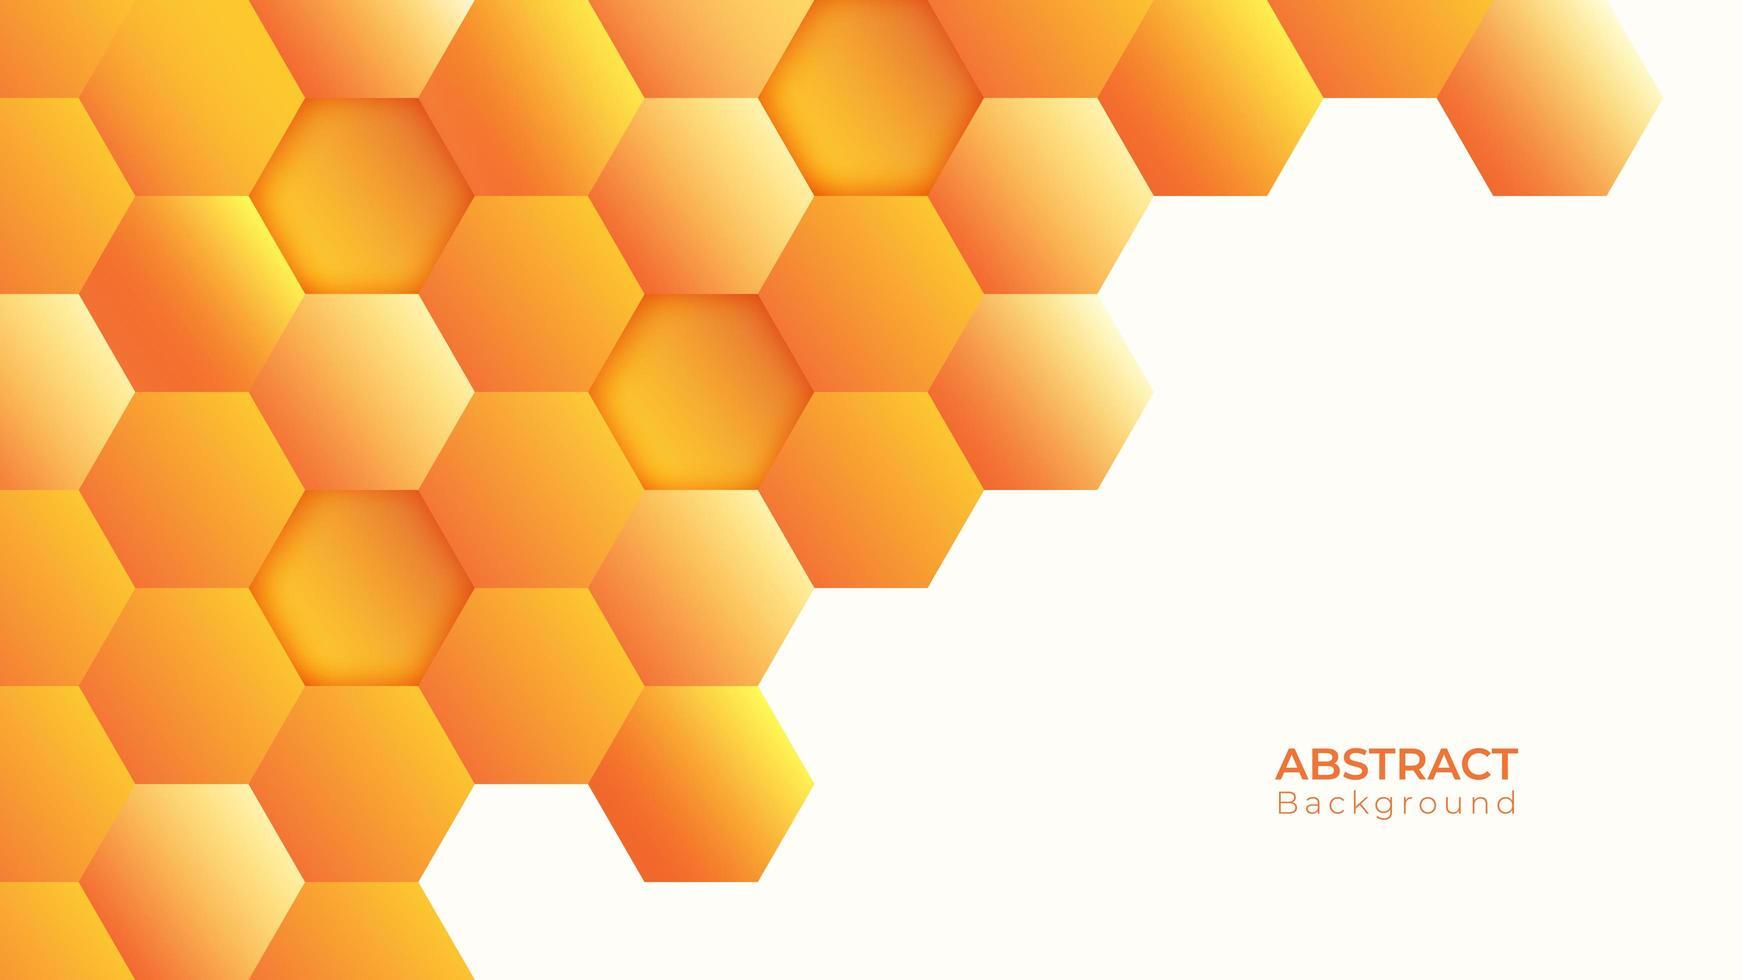 moderner orange Sechseckhintergrund mit Leerraum vektor